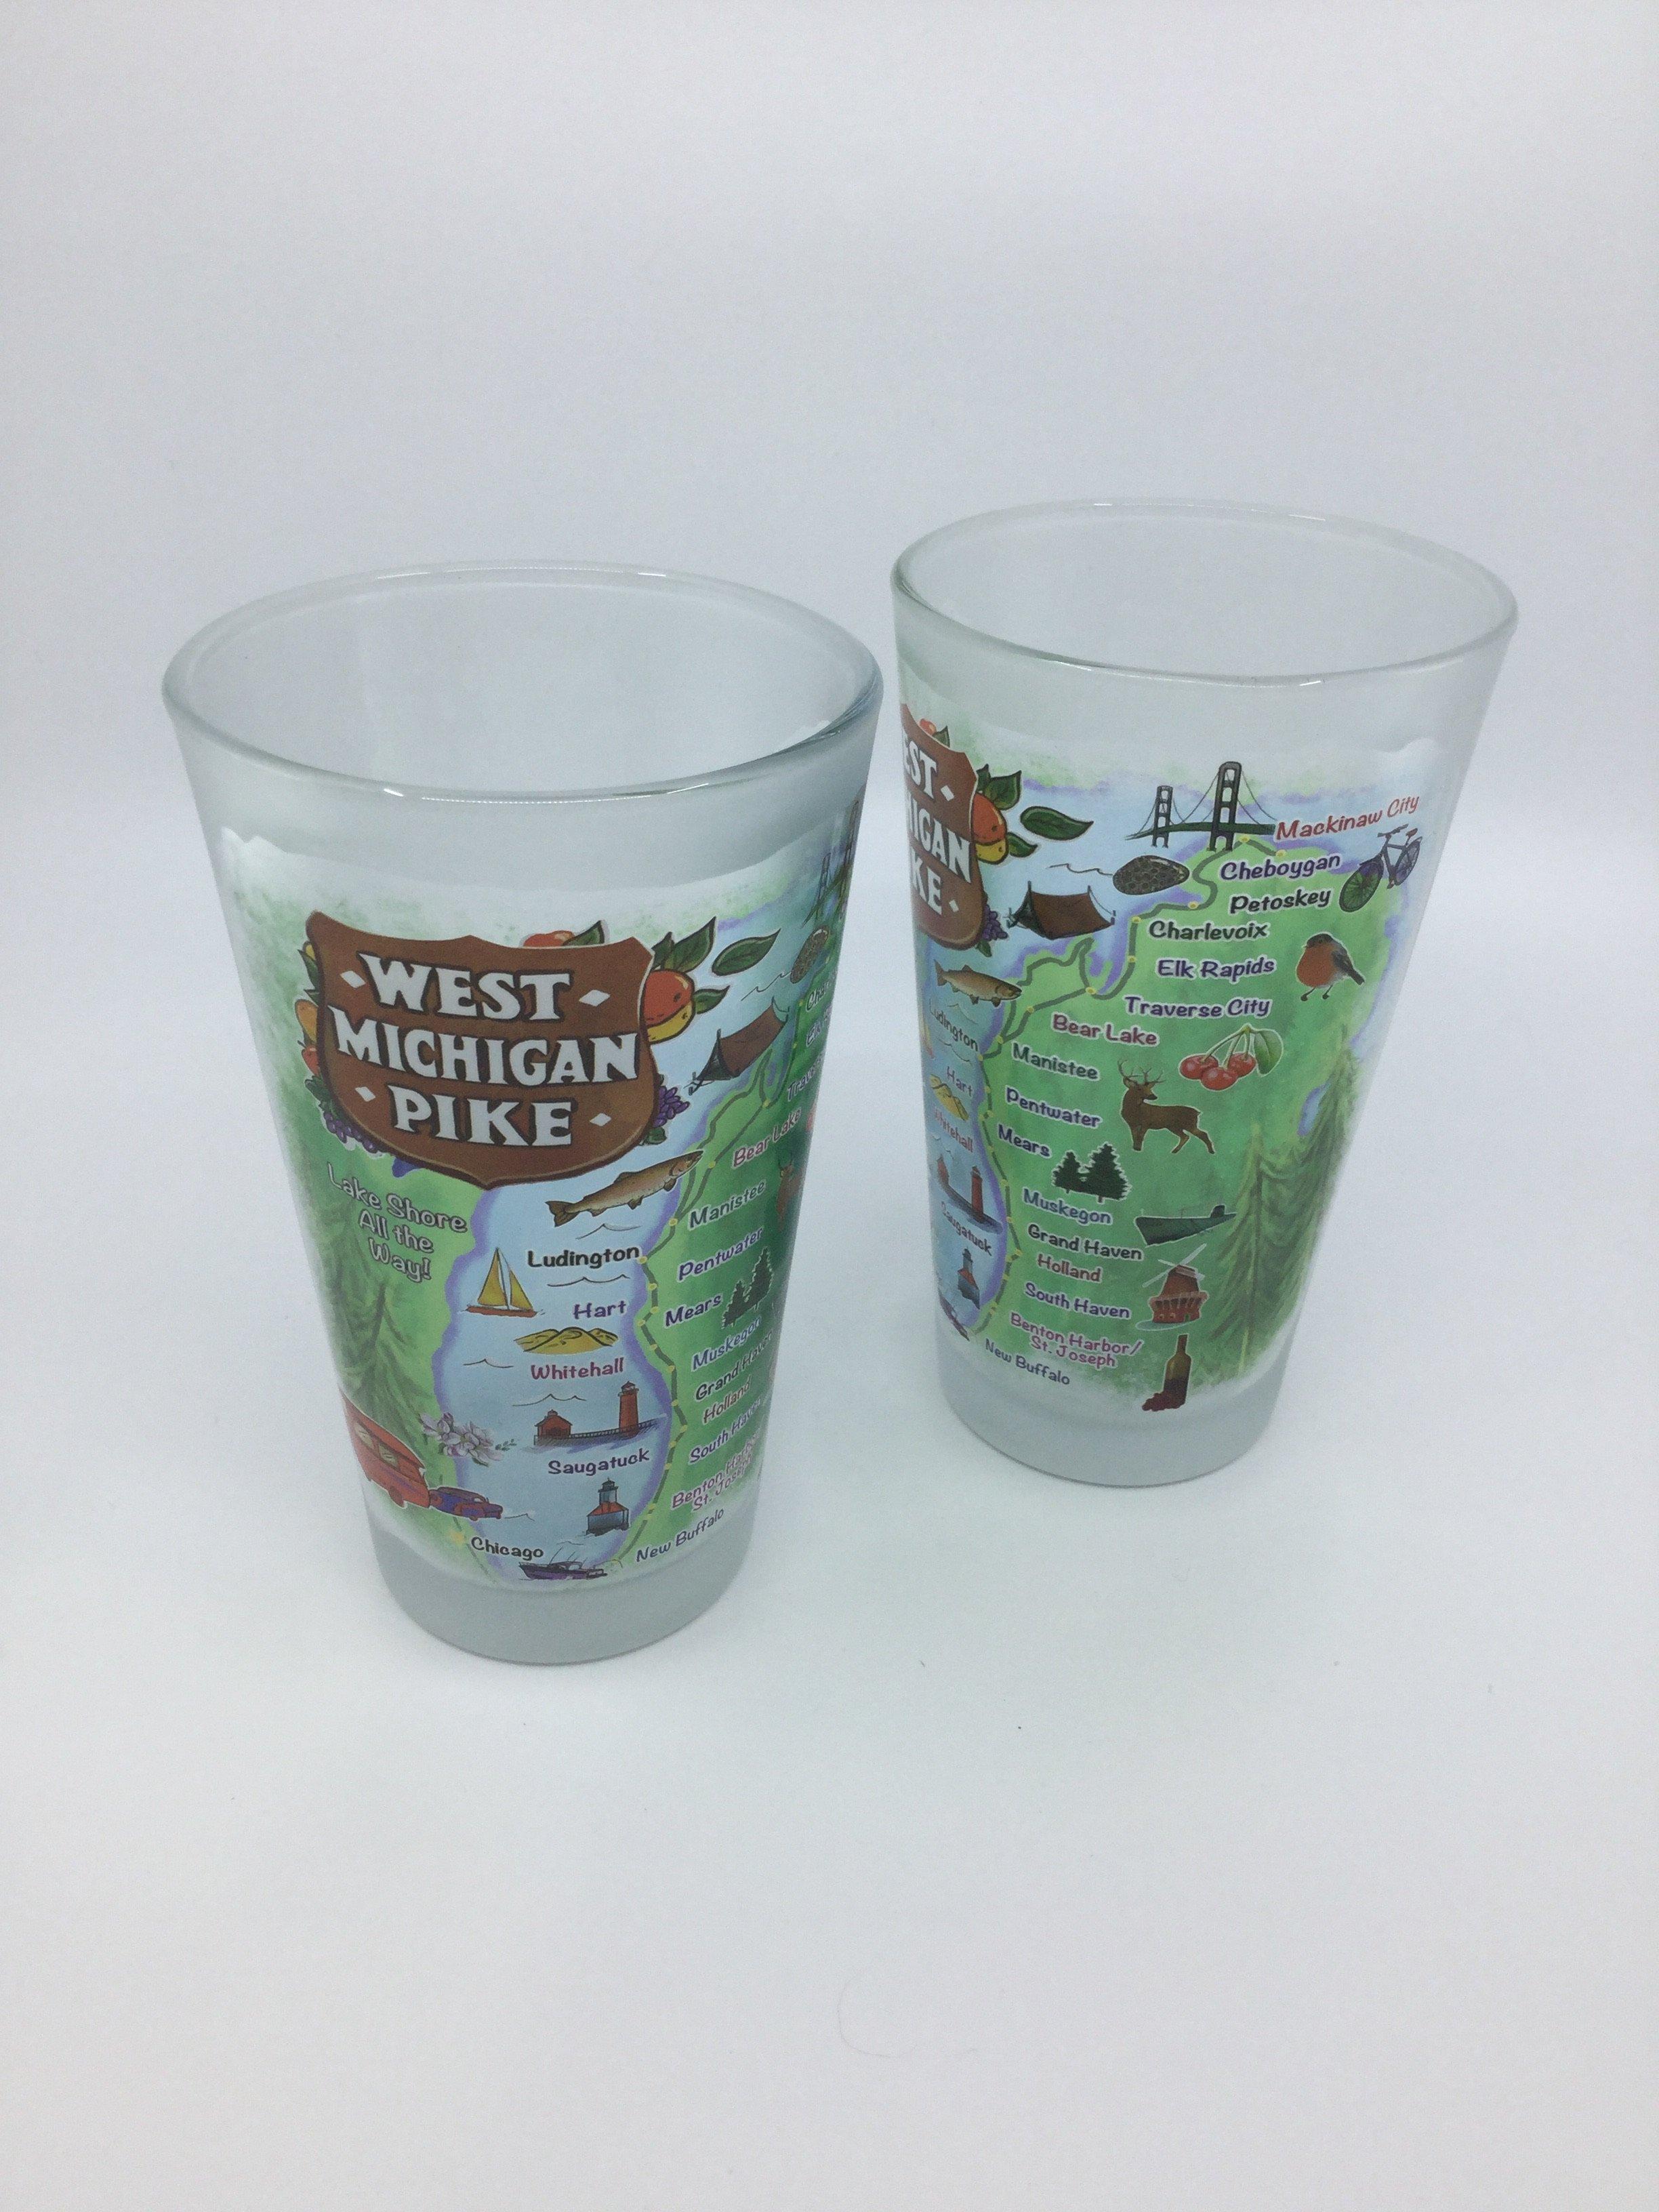 WEST MICHIGAN PIKE GLASS